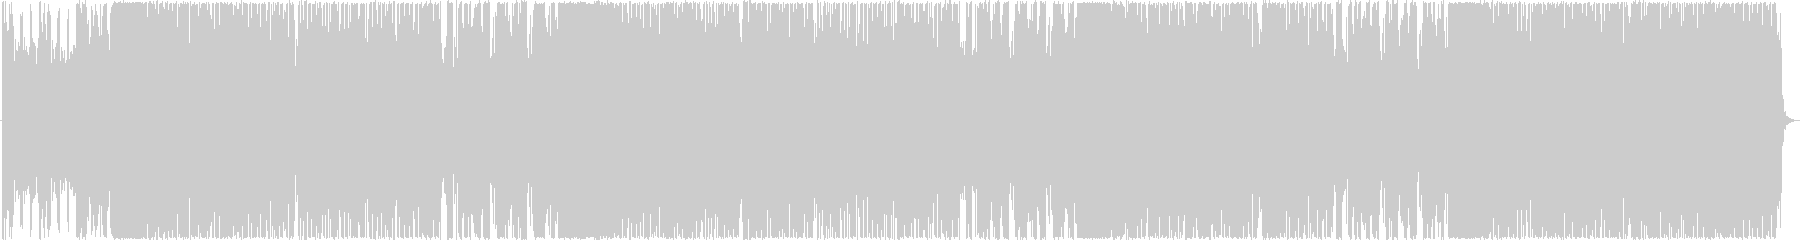 洋楽、攻撃的ドラムン・ベーストラックの未再生の波形